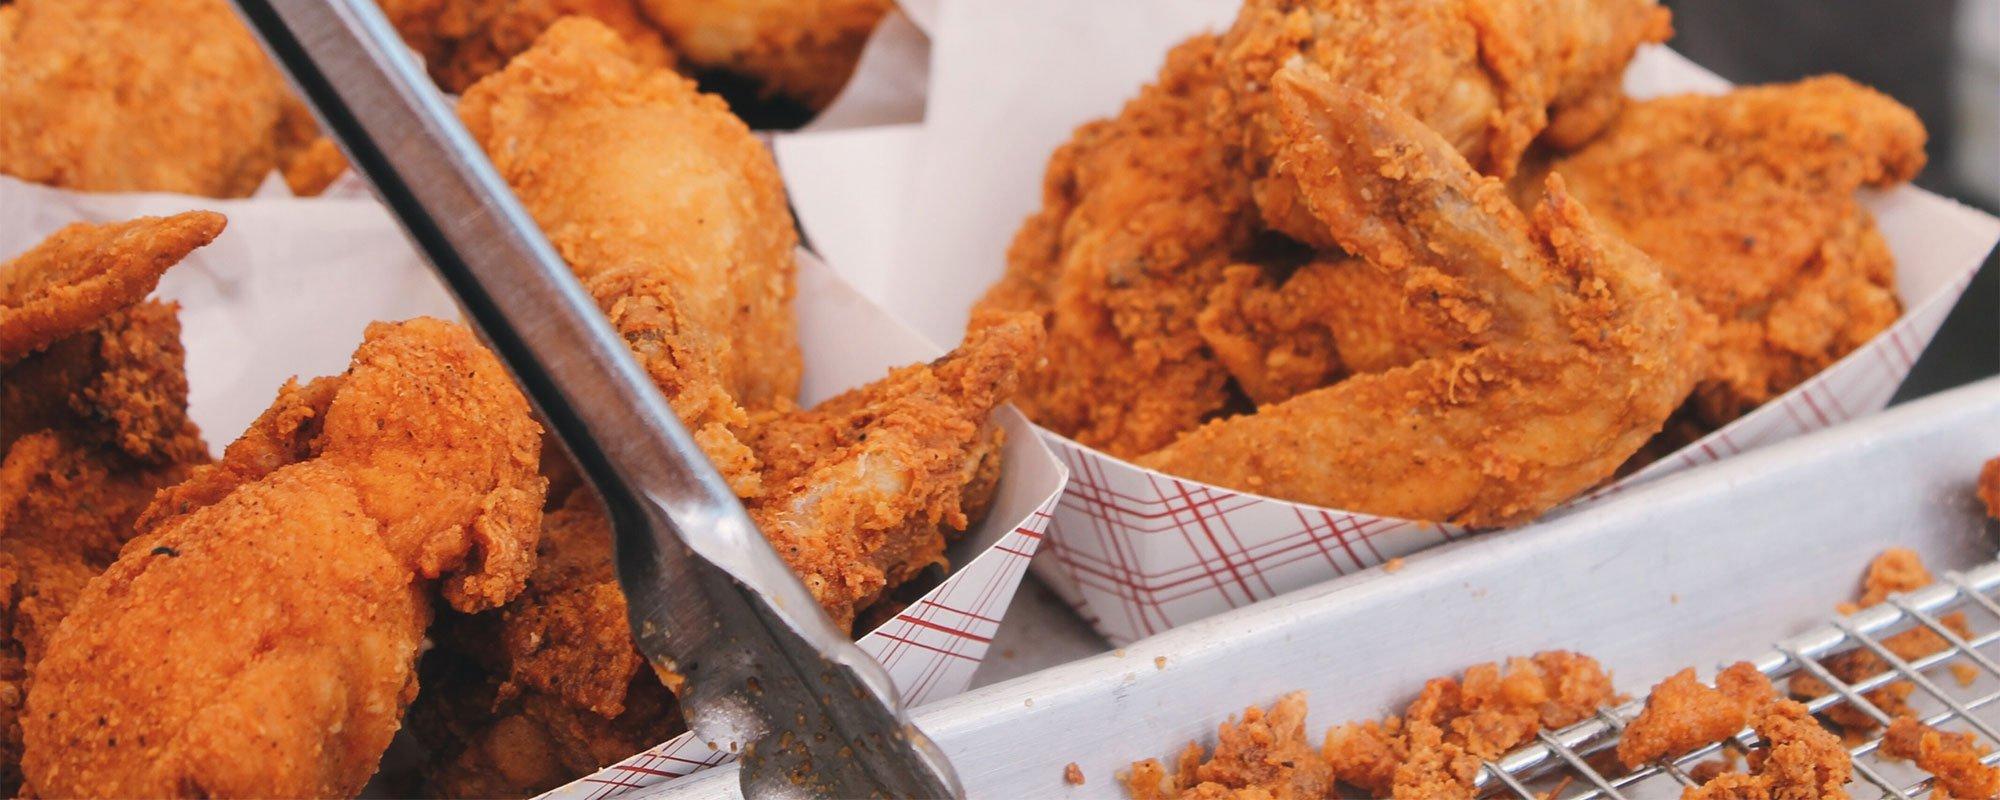 fried-chicken-main